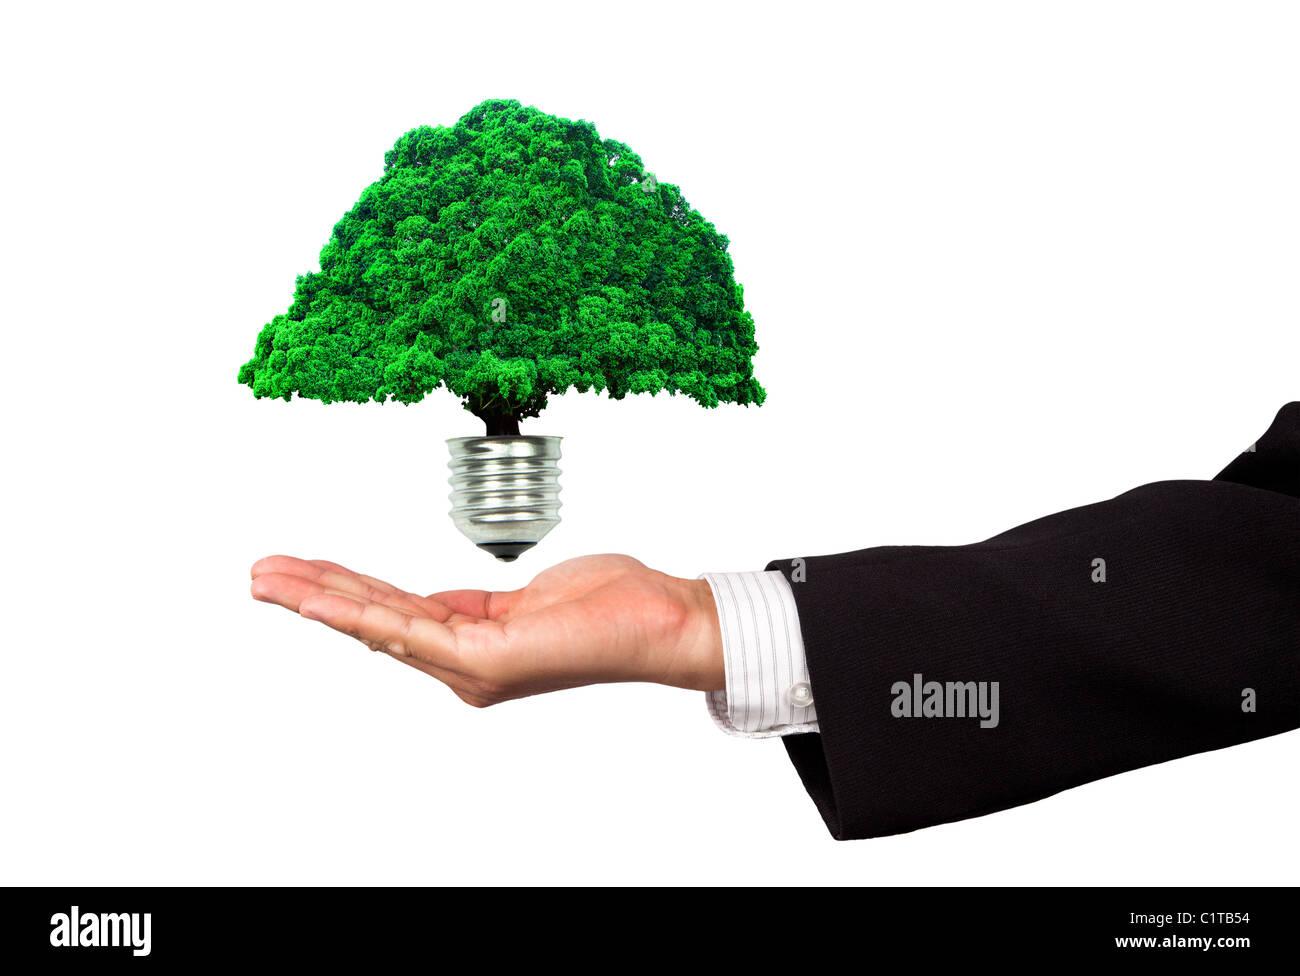 Öko-Energie-Geschäft Stockbild